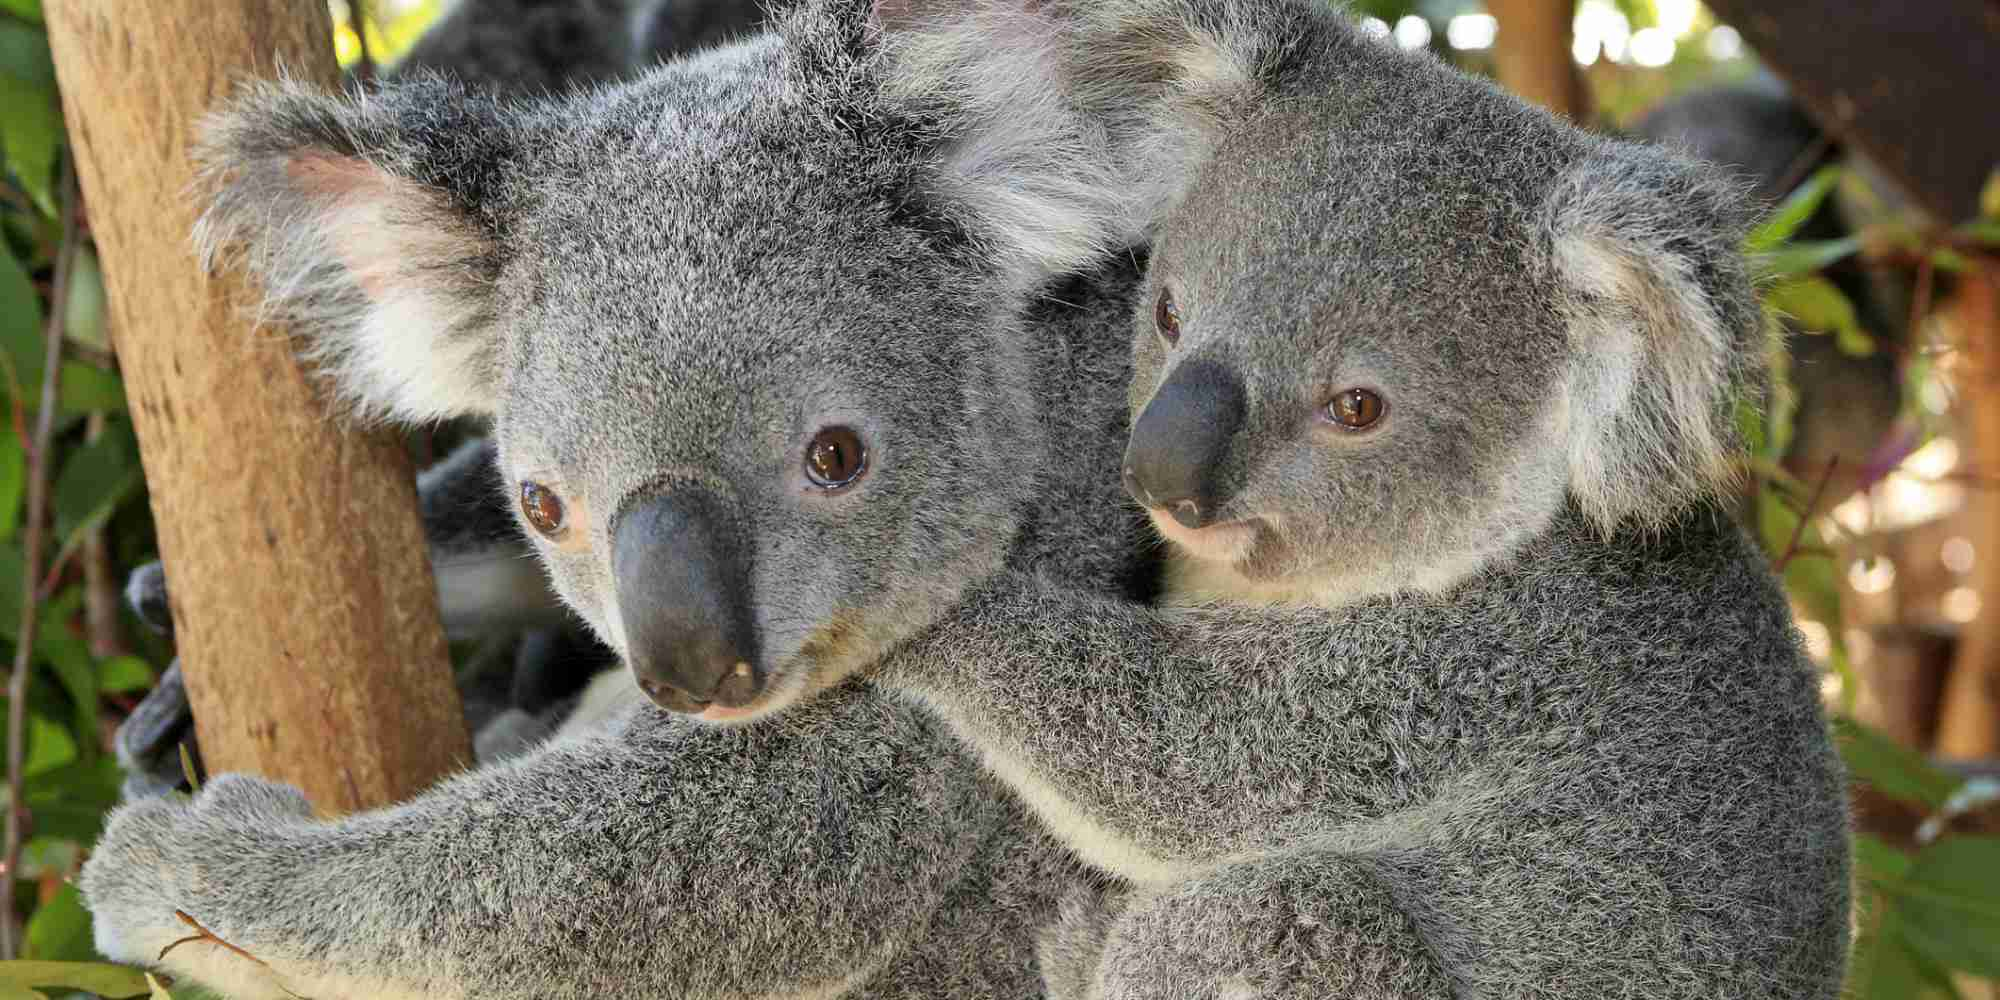 コアラ700頭、極秘で殺処分 オーストラリアの州政府